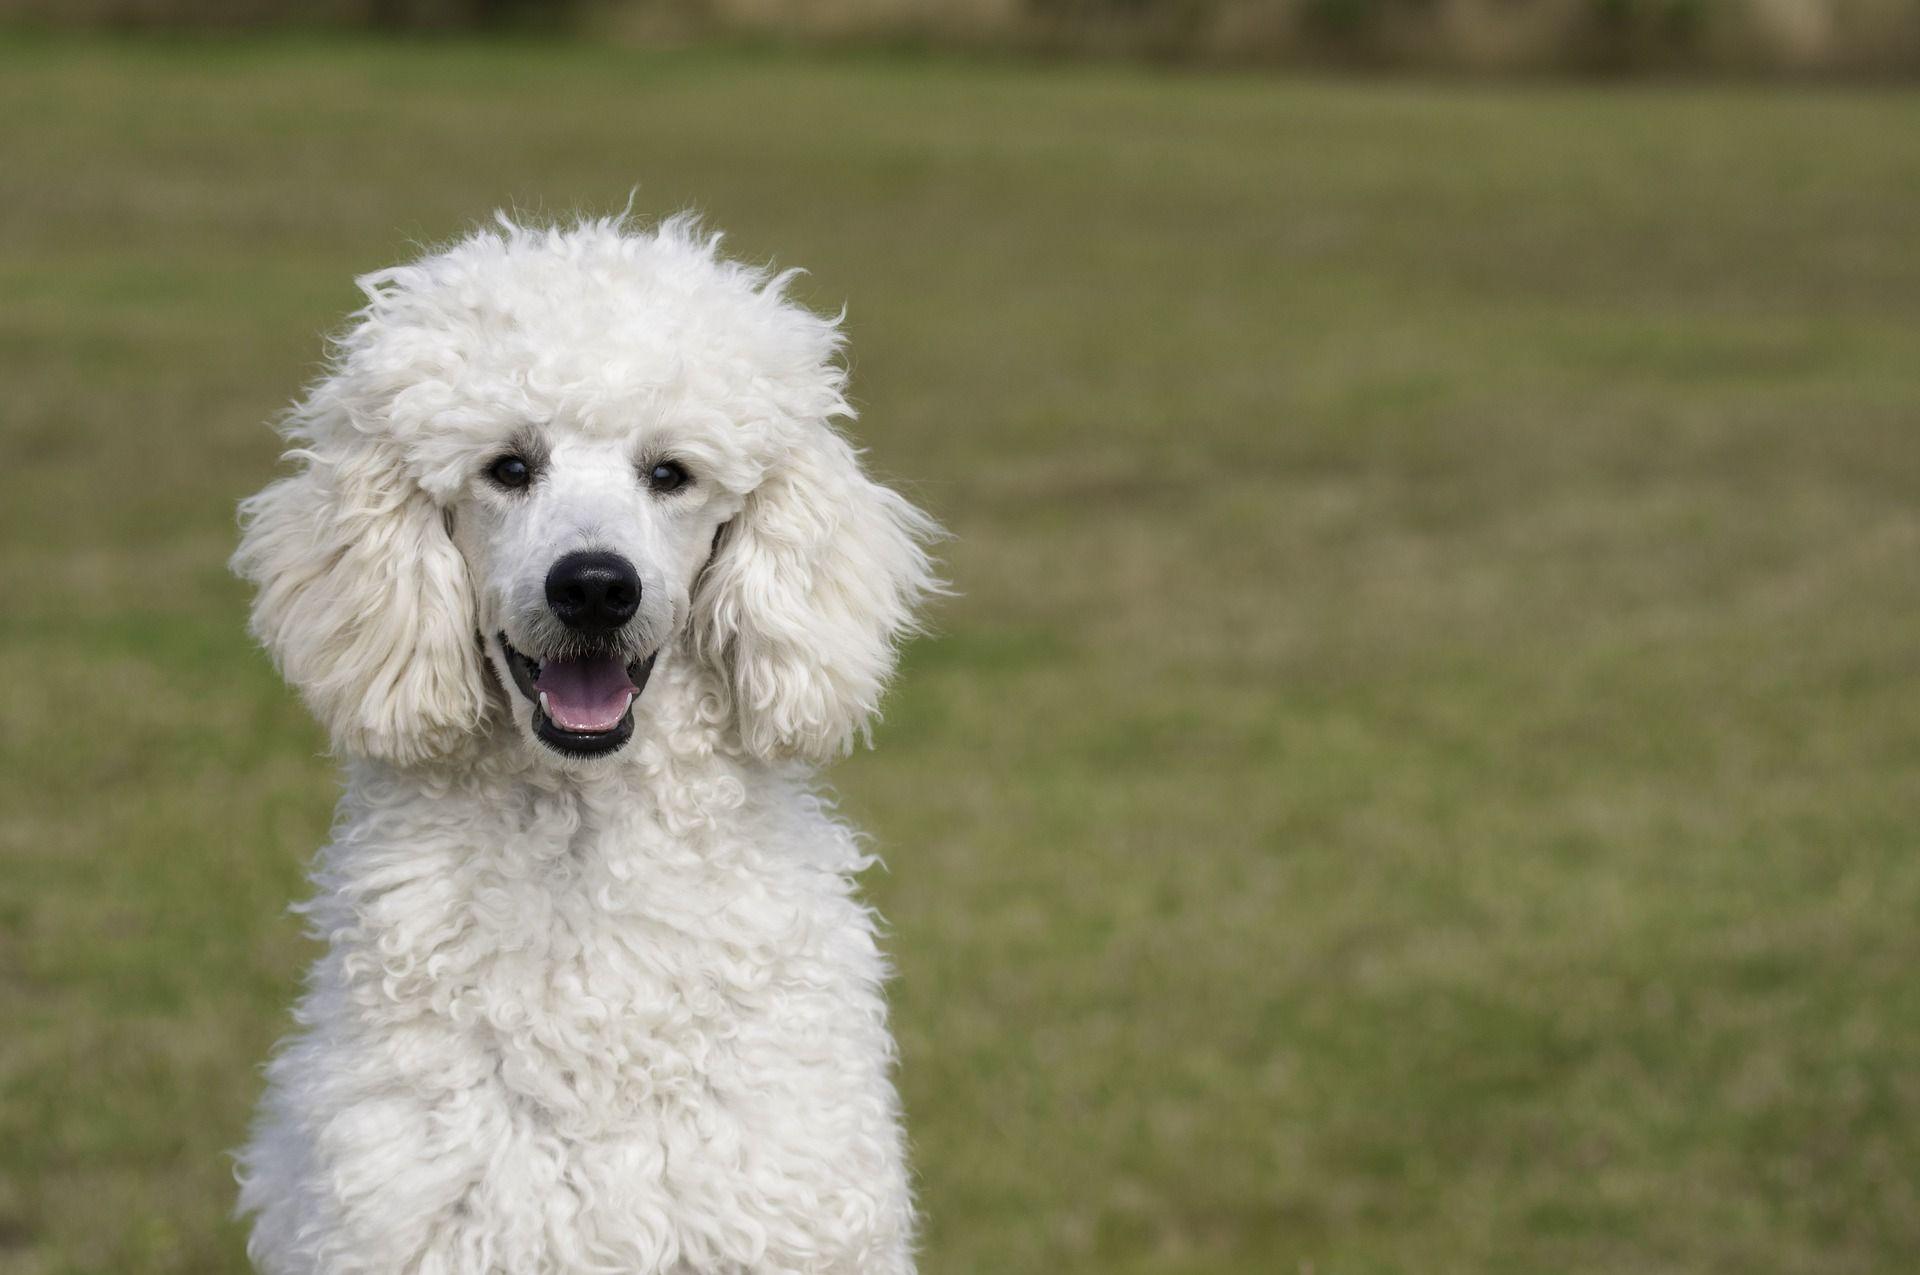 B&G PETSHOP - Perruqueria i estètica canina. Vilassar de dalt